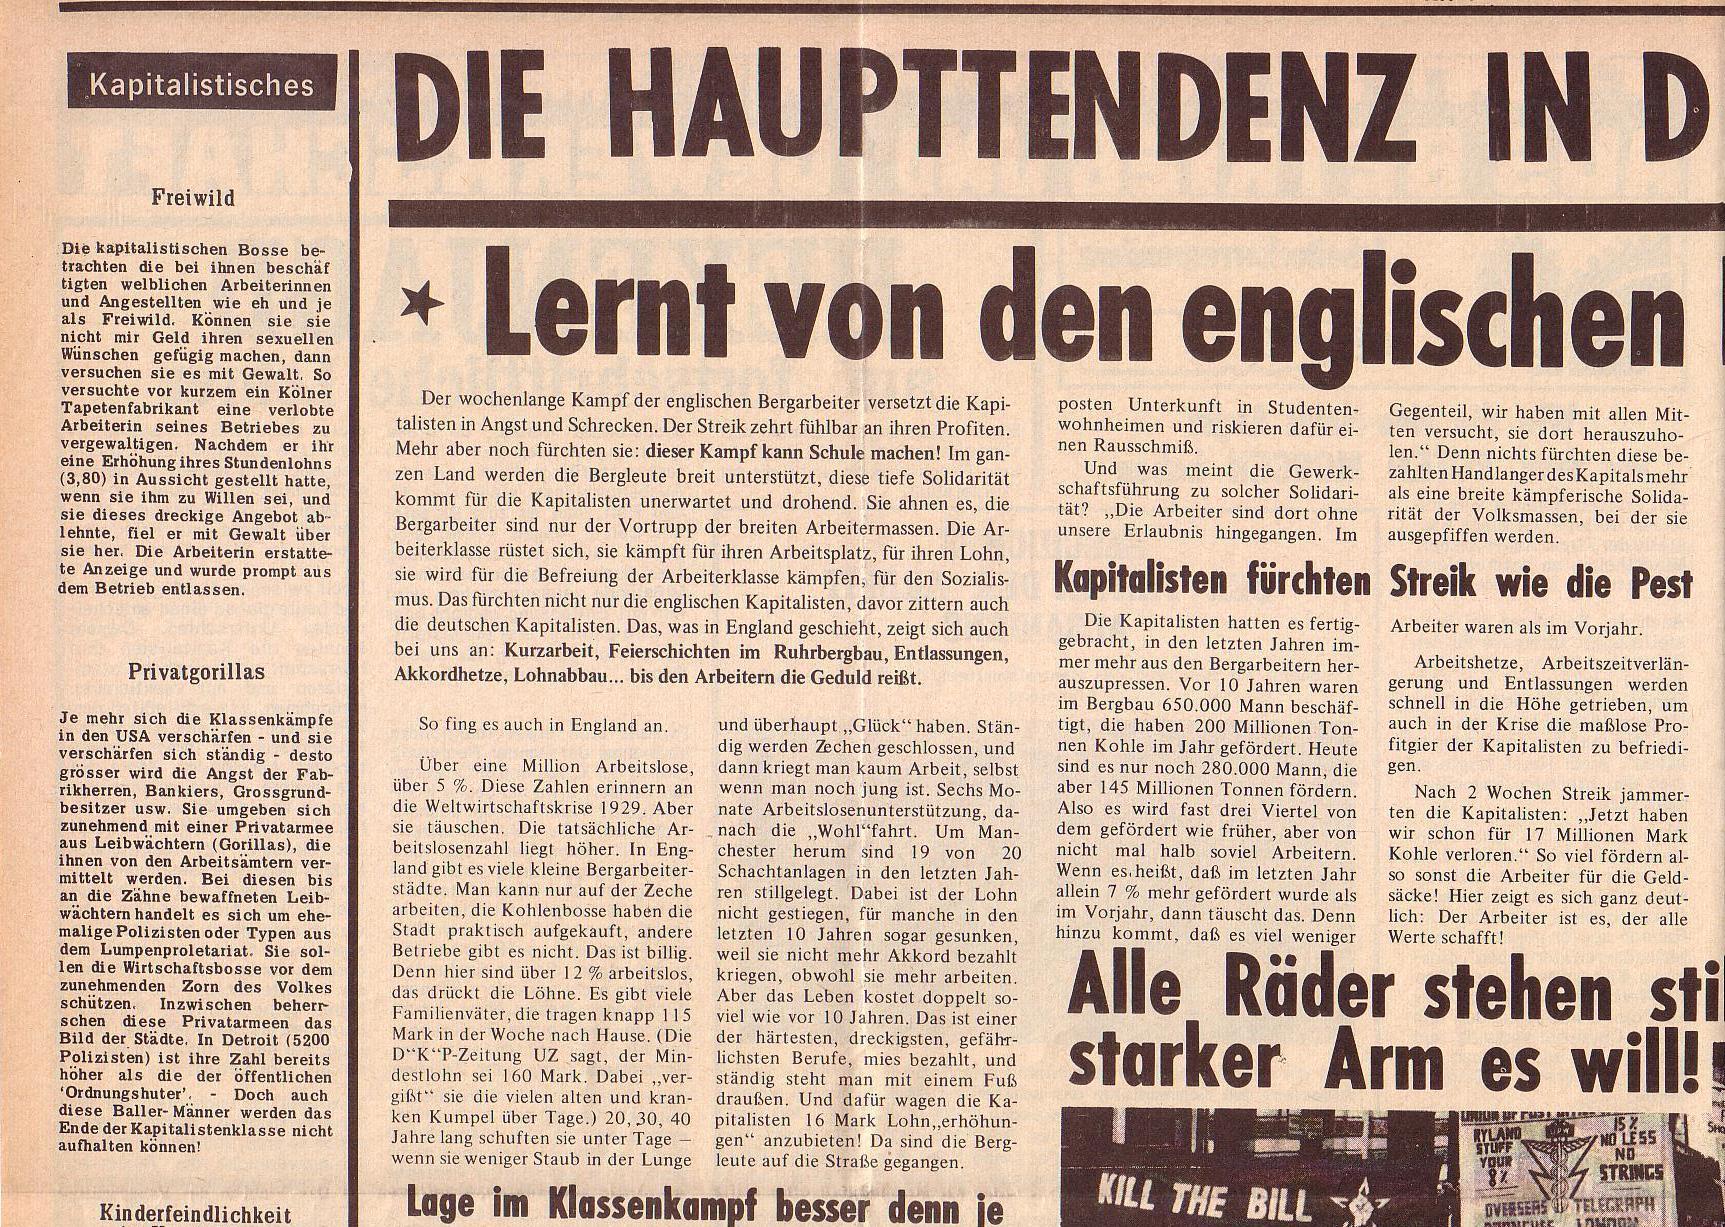 Roter Morgen, 6. Jg., 14. Februar 1972, Nr. 4, Seite 4a